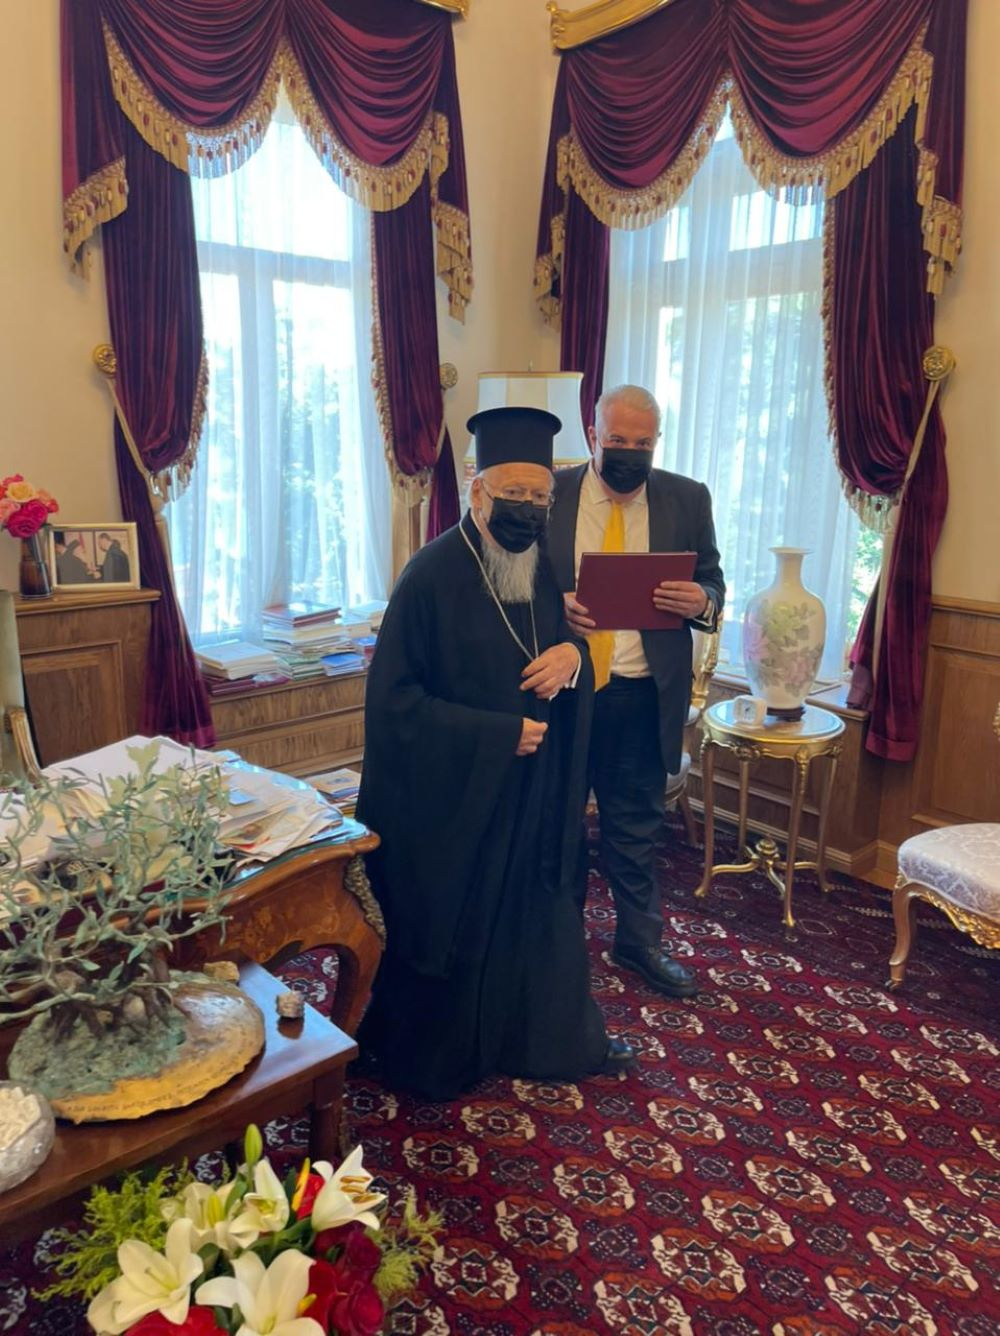 Κεχαγιόγλου: Στην Κωνσταντινούπολη για γιορτή Πατριάρχη Βαρθολομαίου